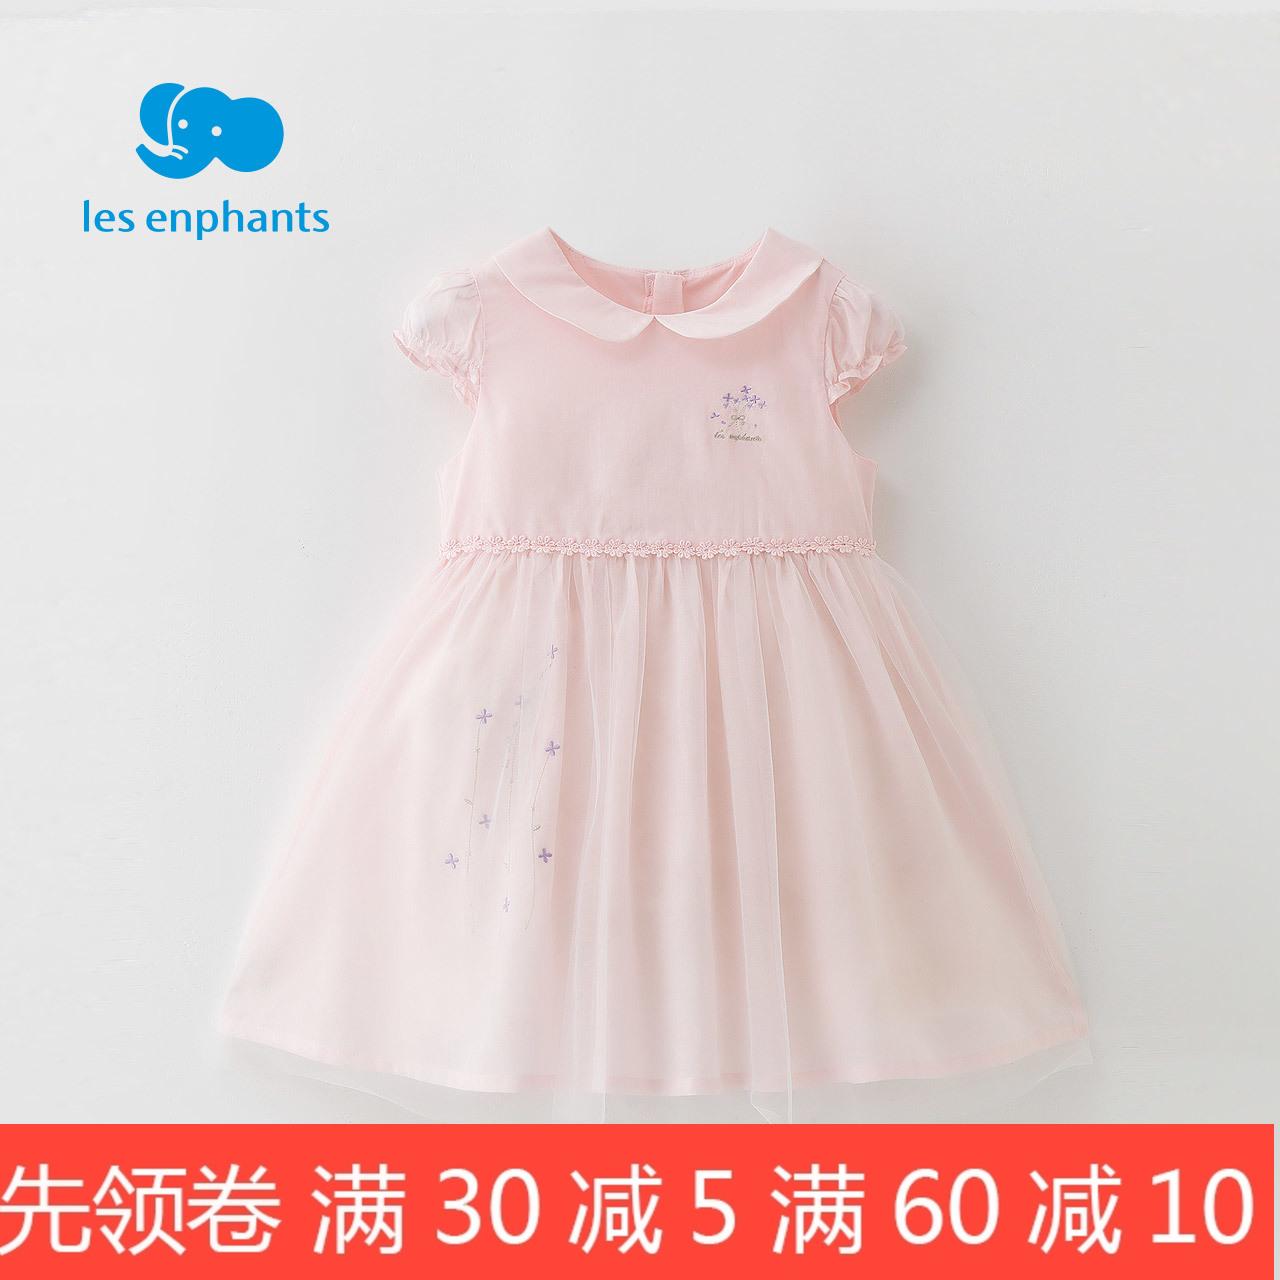 丽婴房童装 宝宝连衣裙女童夏甜美可爱连衣裙裙子 2018年夏新款